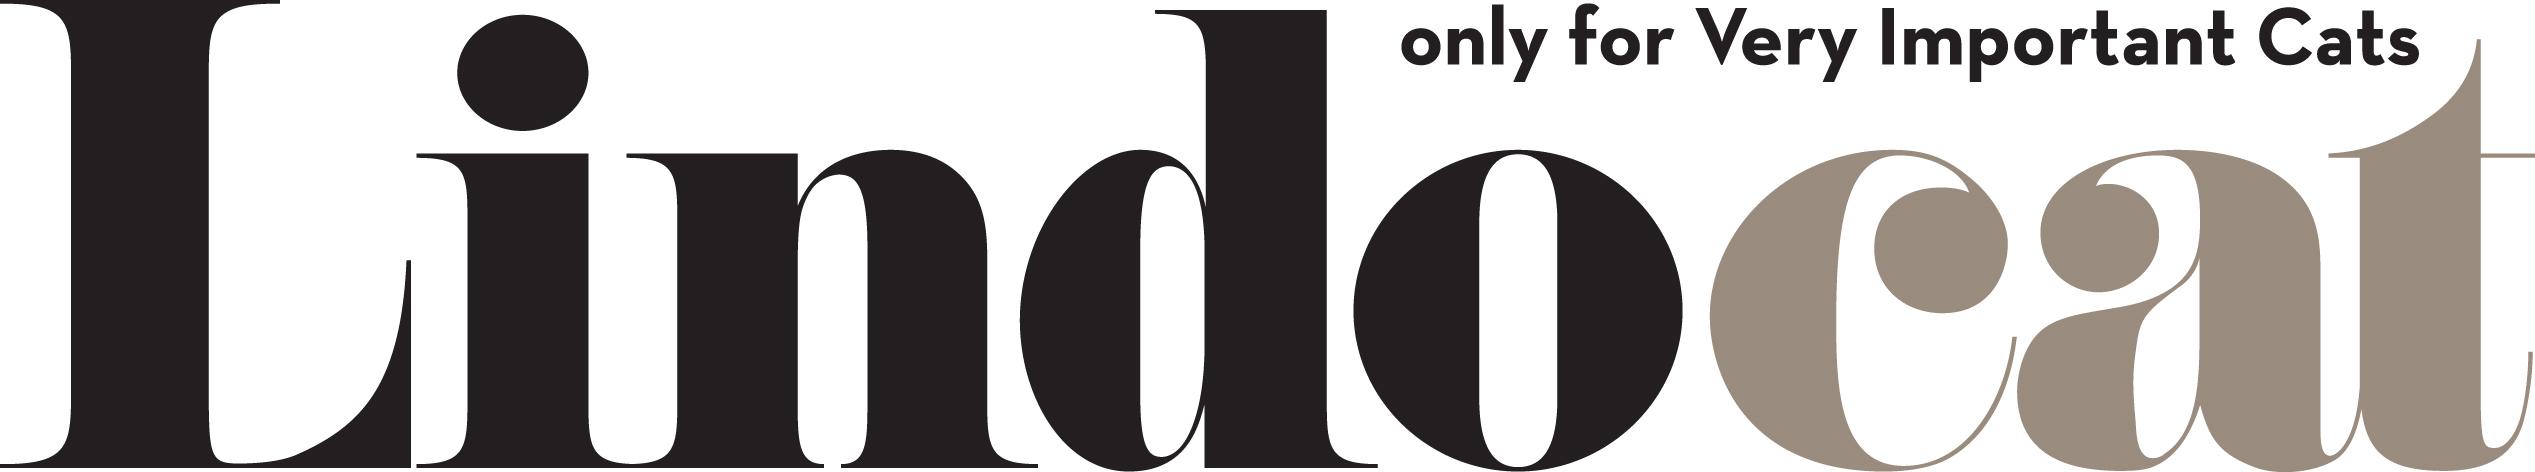 Логотип Lindocat, Италия. Продажа серебряных украшений Lindocat, Италия оптом и в розницу